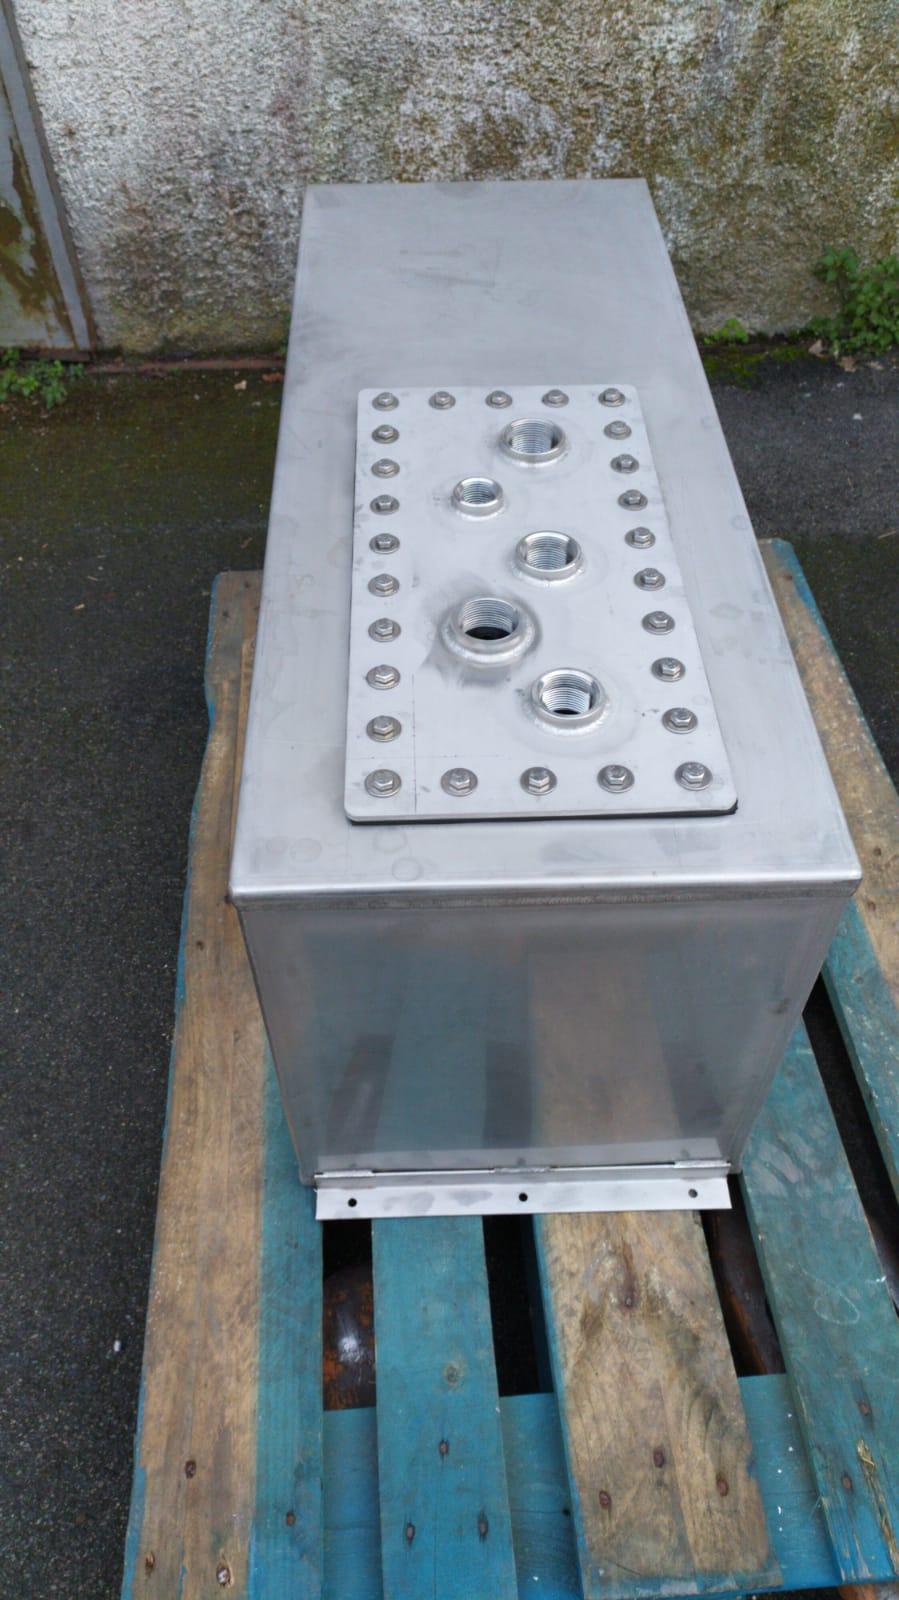 Serbatoi per acqua potabile in inox 316 con portello di ispezione